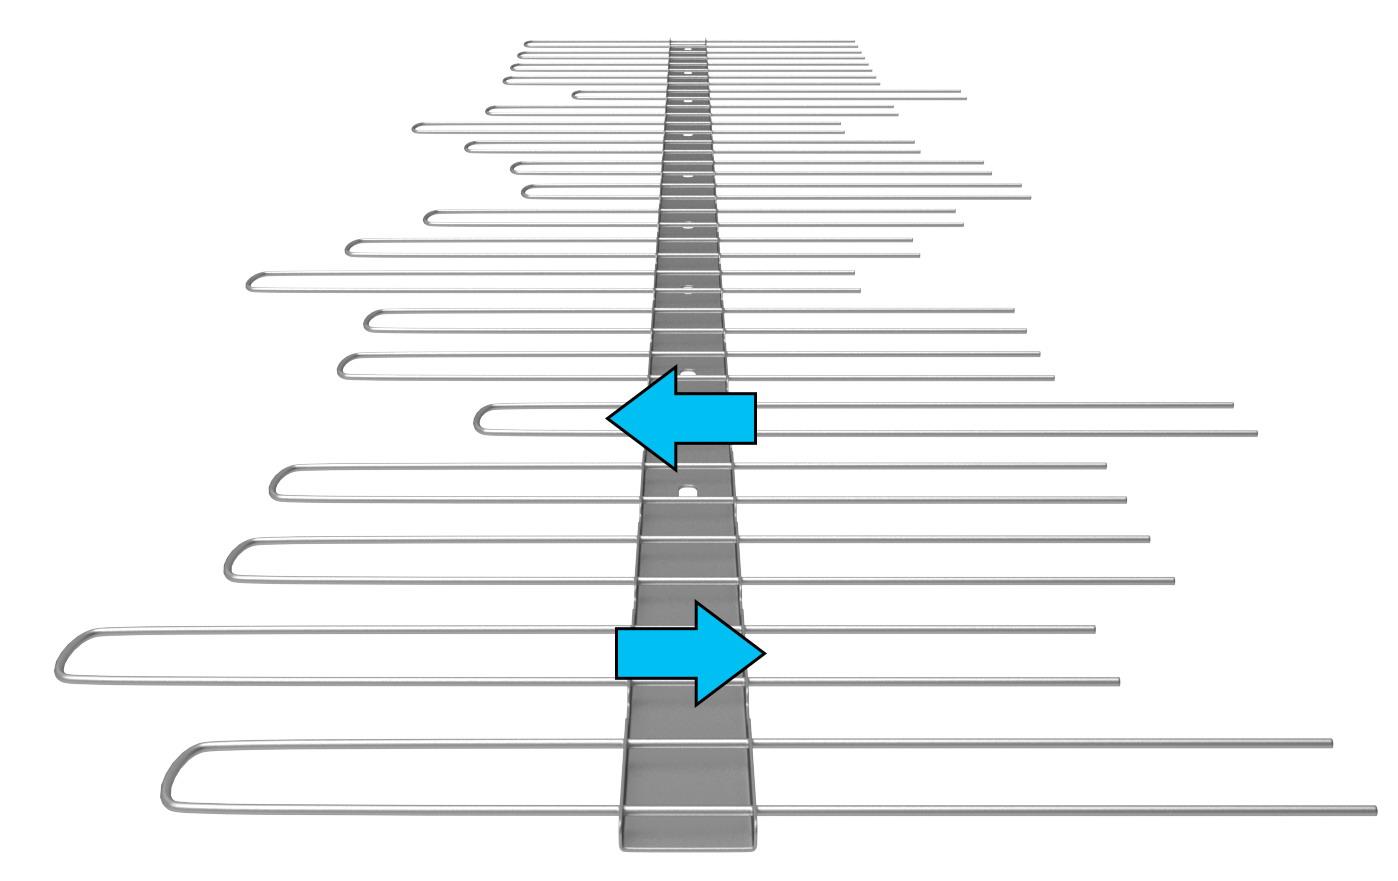 TAS 1er Solarspitzen 50 cm lang, 2.0 mm stark, verstellbare Spikes bis max.160 mm aus Edelstahl Rostfrei